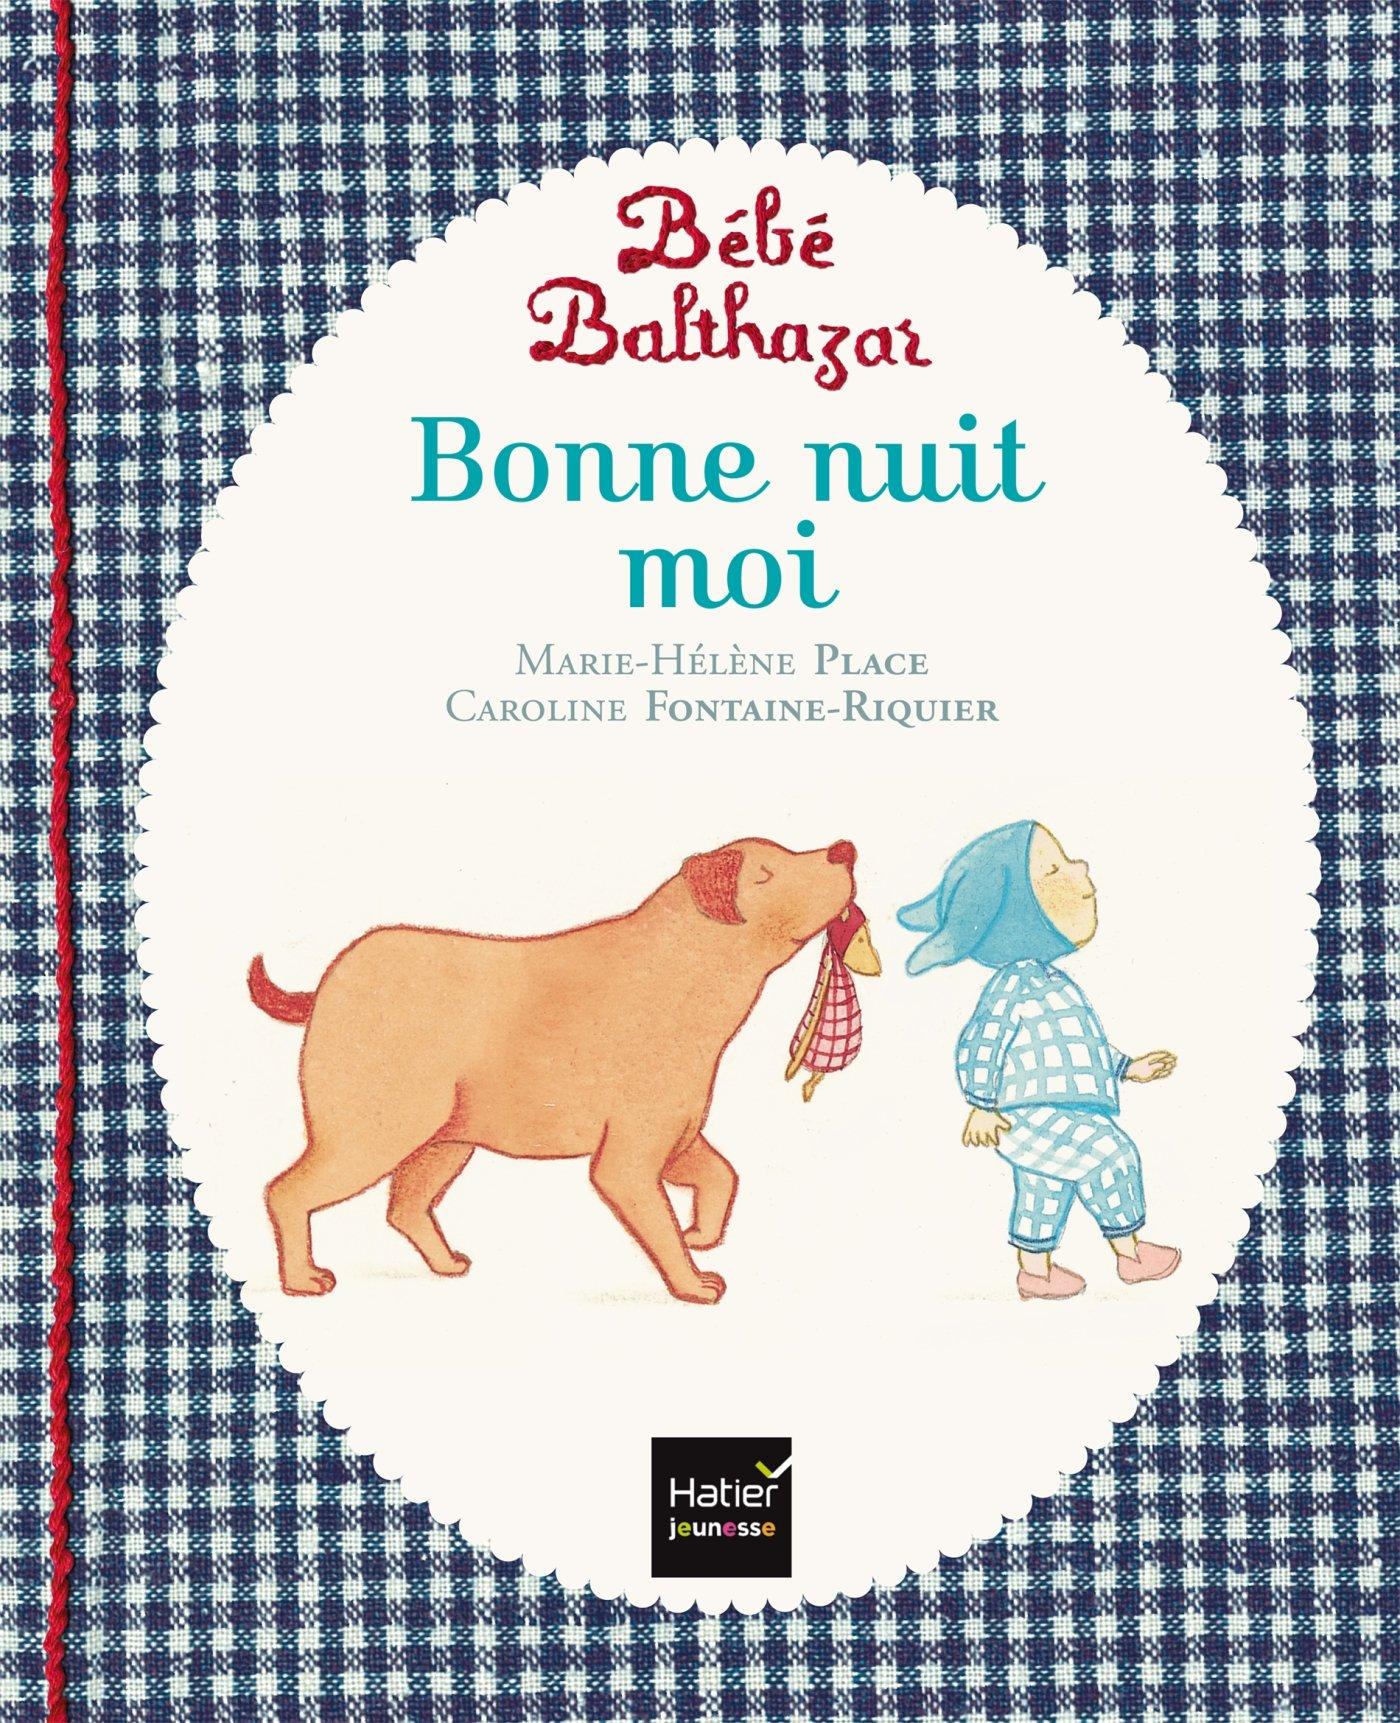 Image result for bonne nuit bébé balthazar